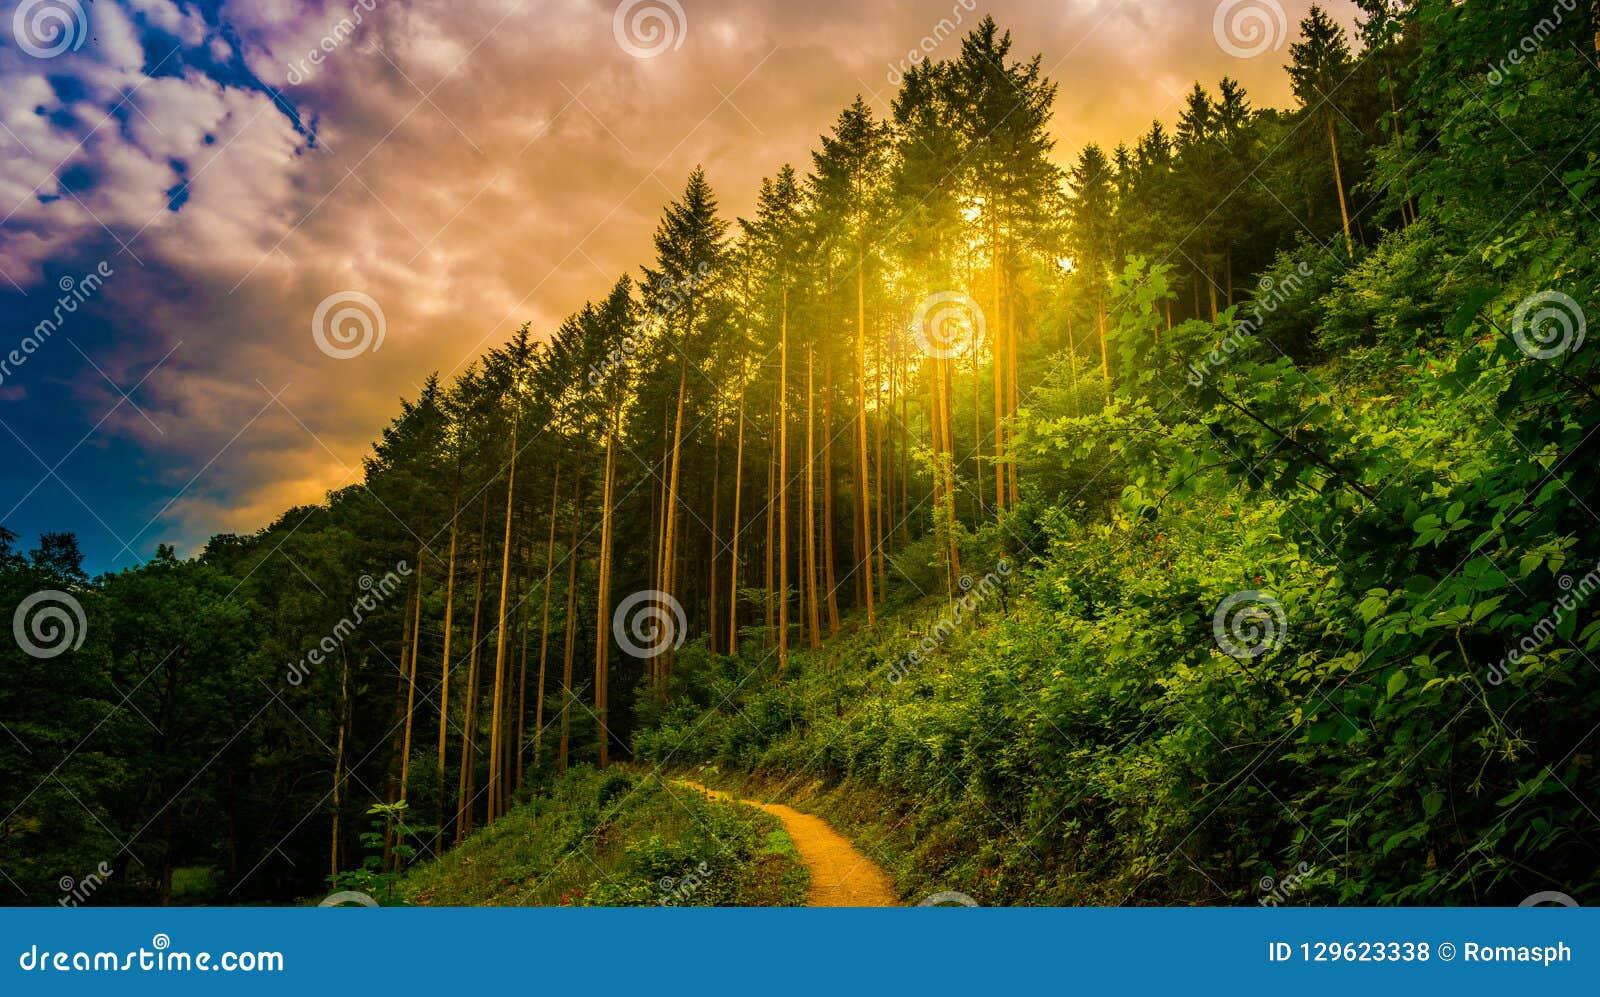 Caminar la trayectoria y la puesta del sol en la opinión panorámica de maderas hermosas, paisaje inspirado del verano en bosque